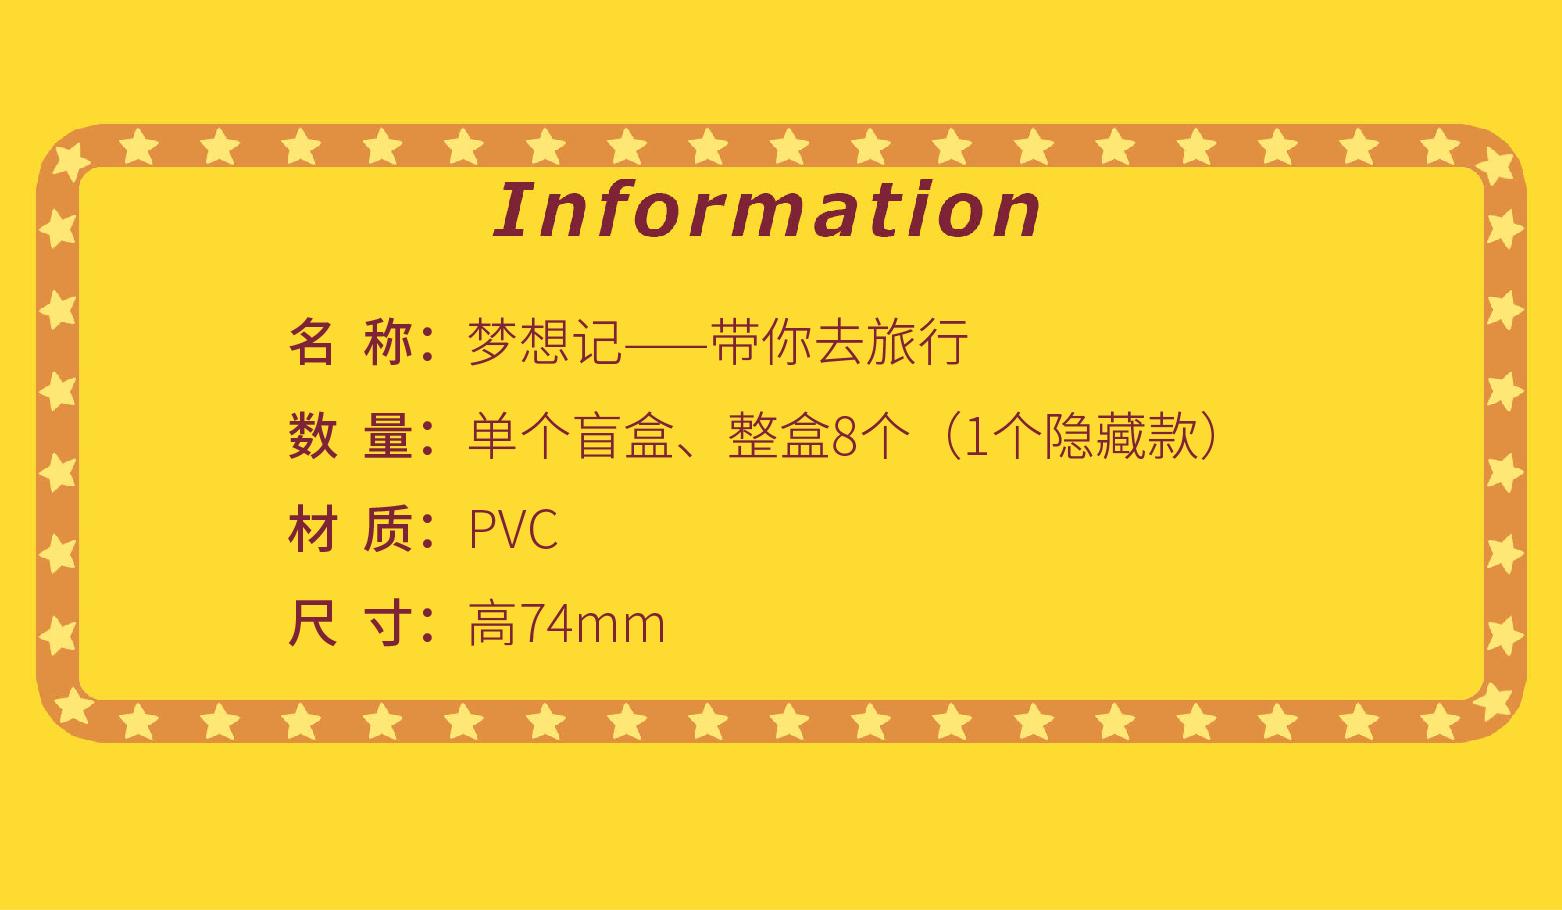 c09877f462b73dae661b03e11a5fbc3.jpg